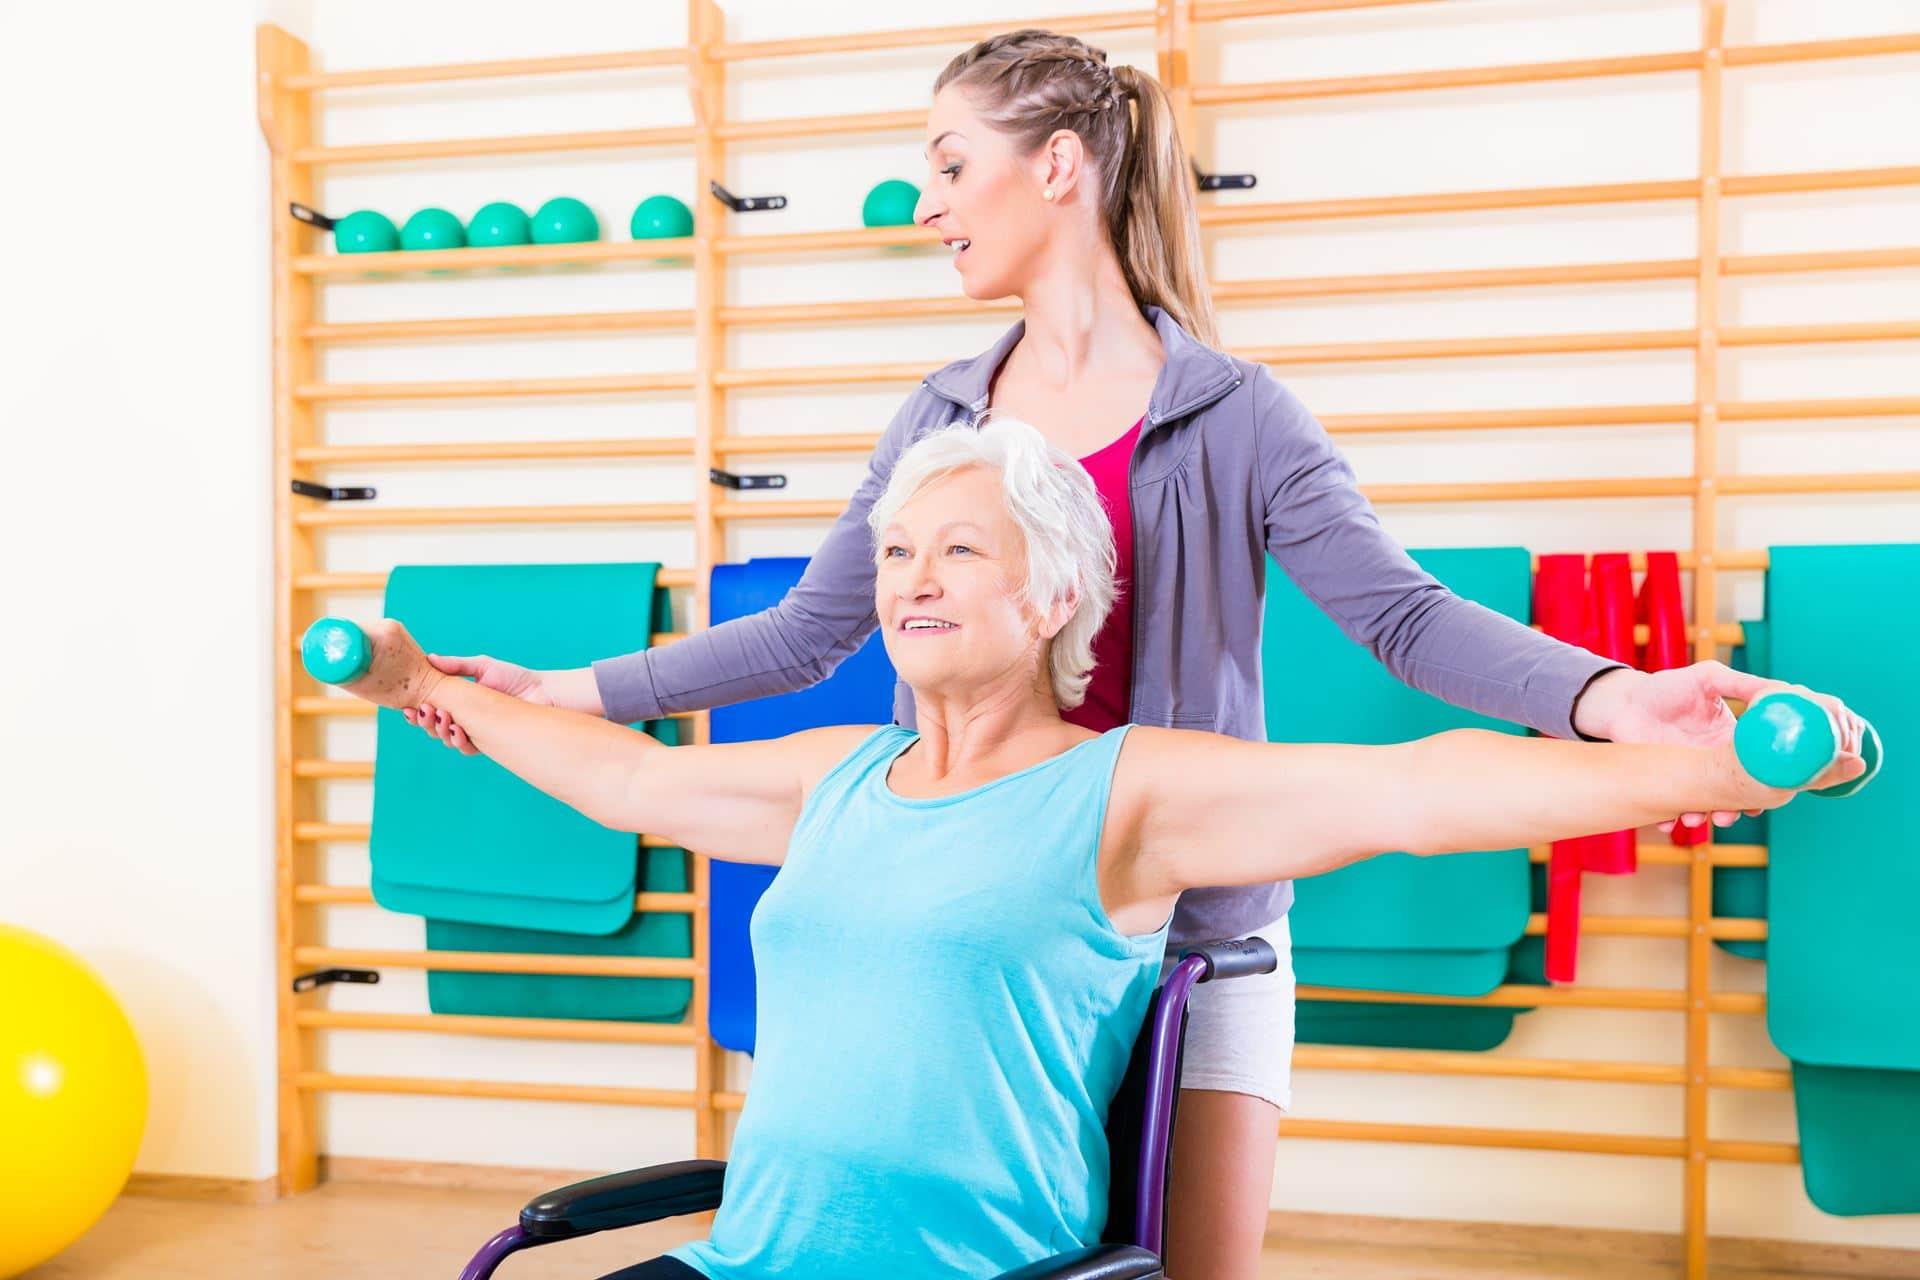 פיזיותרפיסט פרטי באשדוד - Restart Therapy שיקום פרטי בבית הלקוח